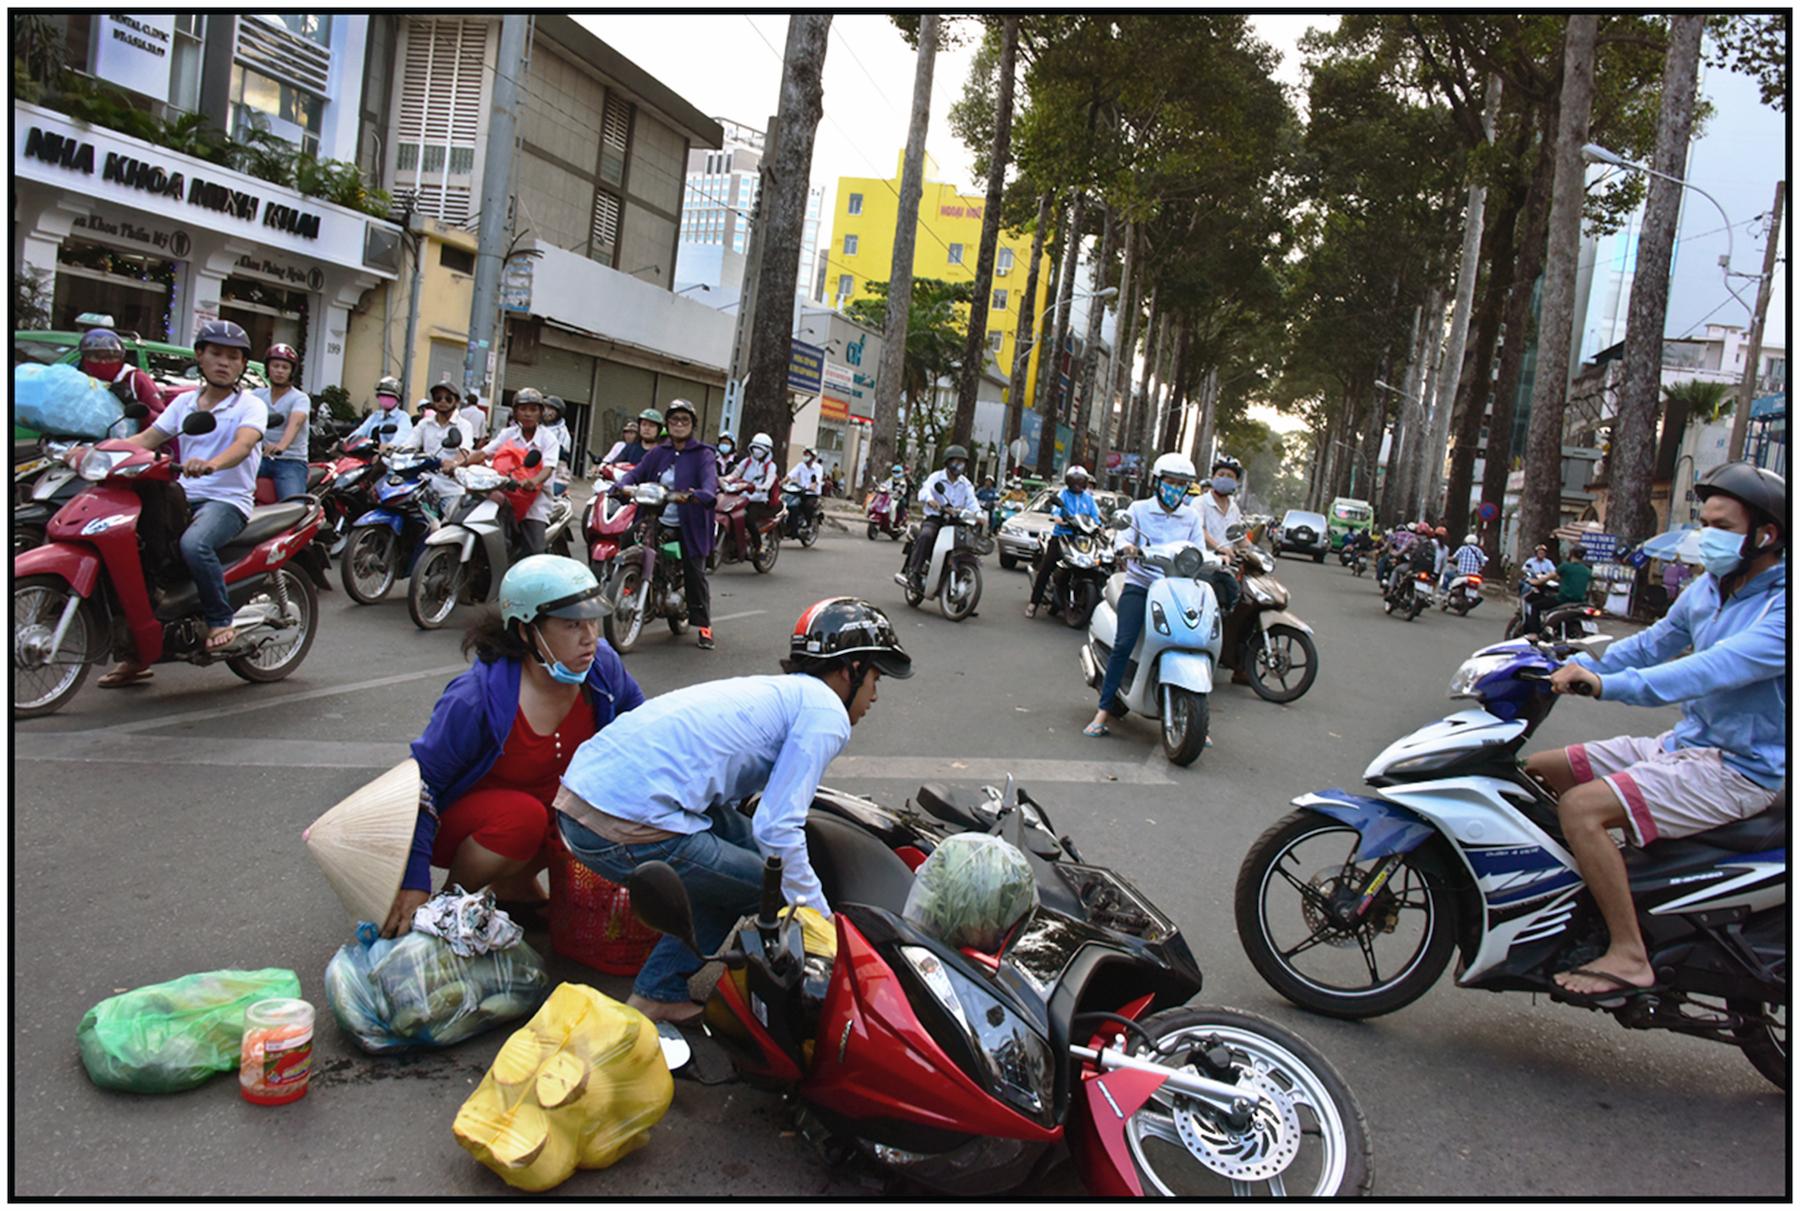 Traffic anarchy in downtown Saigon/HCMC, Dec. 2015 #7093